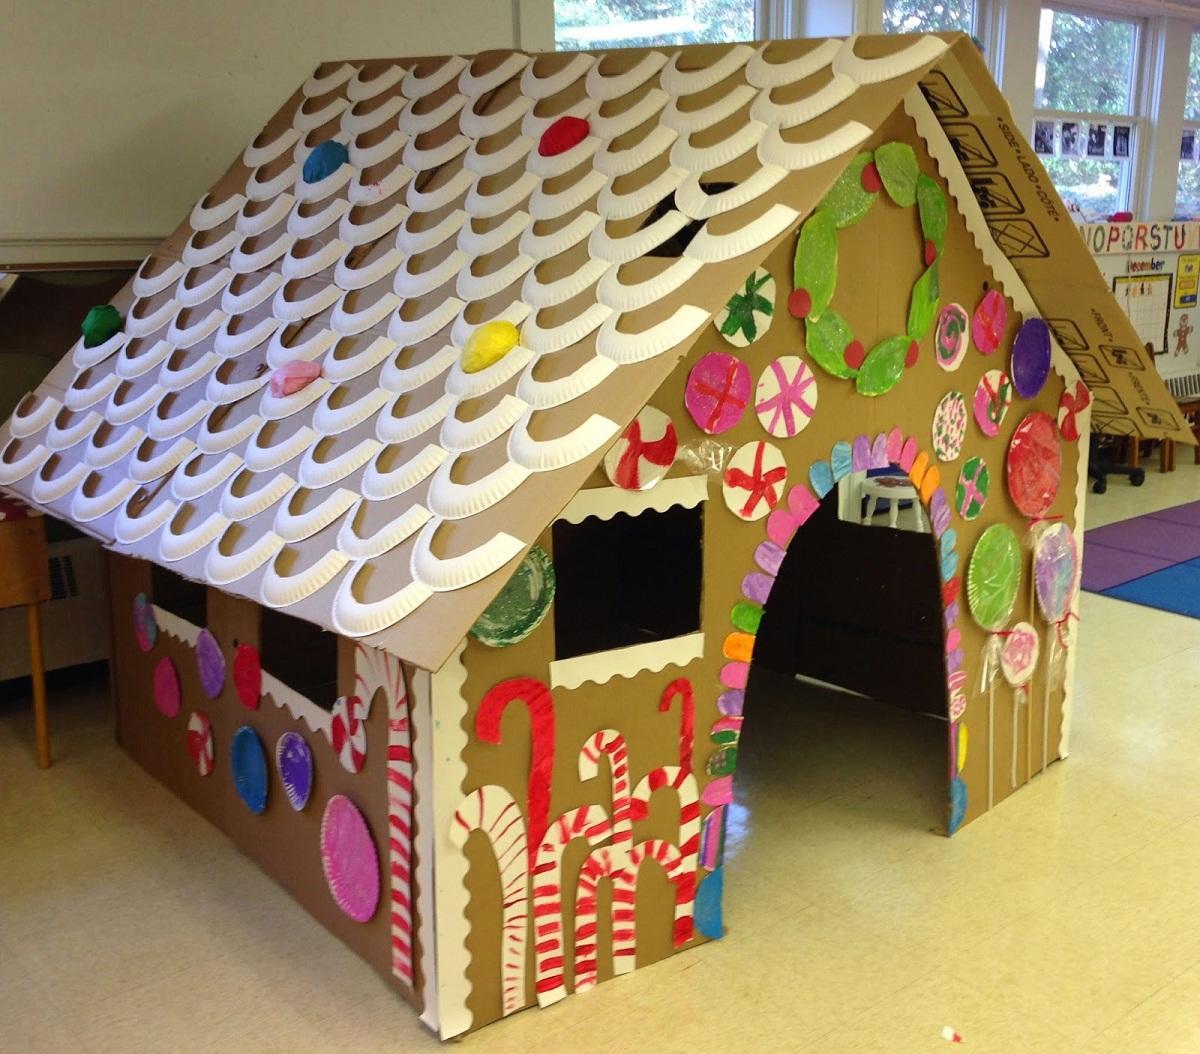 Большой домик, сделанный из картона, отлично подходит для детей в качестве места для игр